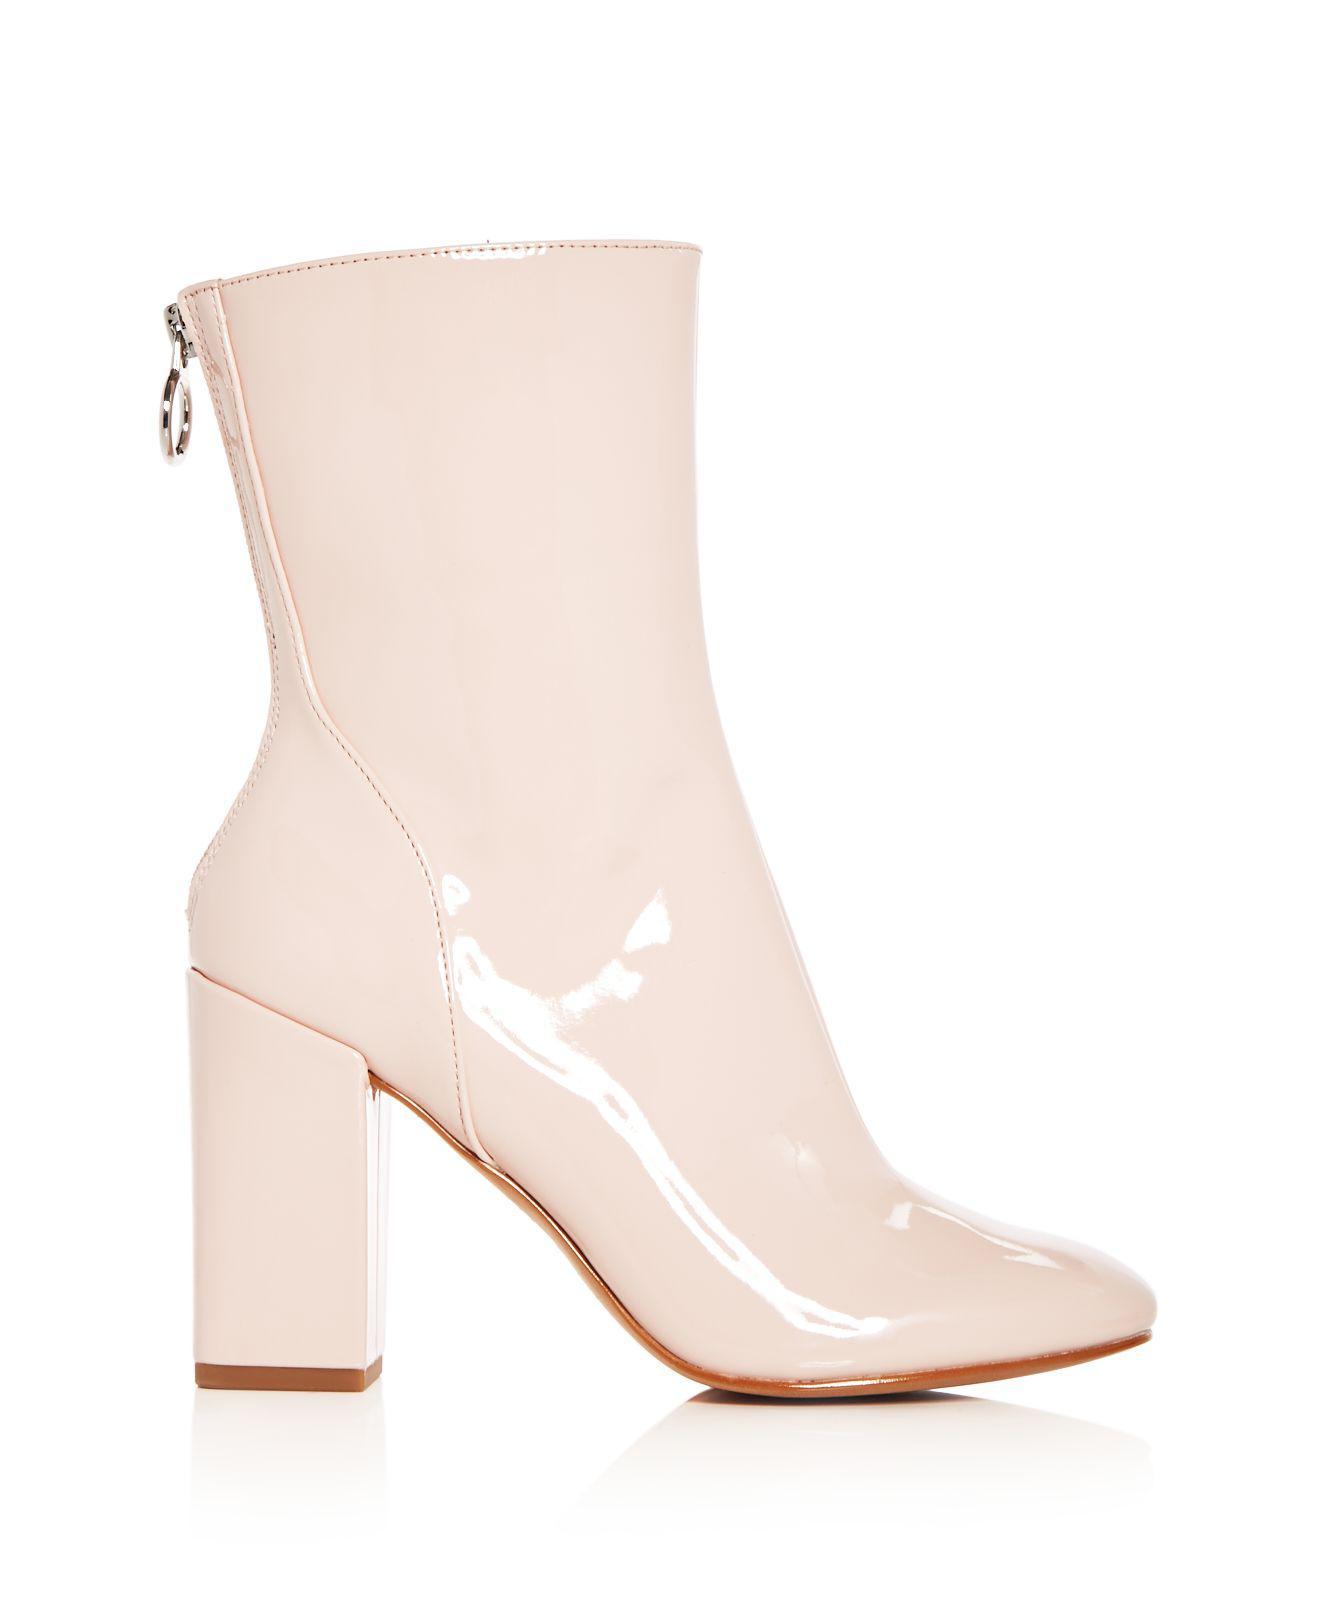 AVEC LES FILLES Women's Raina Patent Leather High Block Heel Booties Le6Ec3TRt4